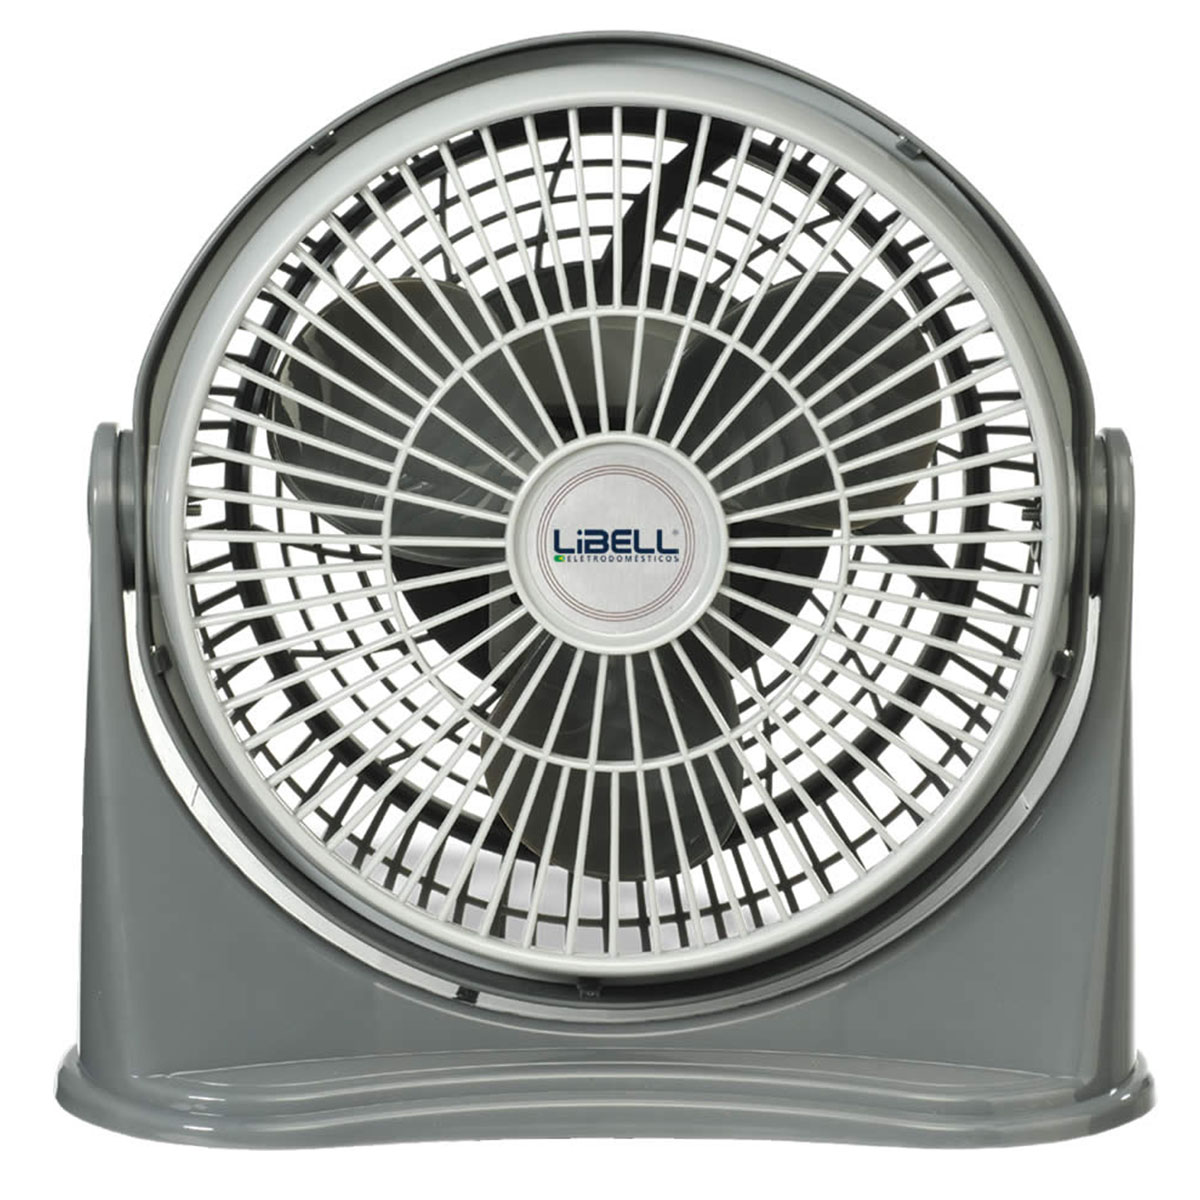 Ventilador Libell Style Cinza 20cm, 3 velocidades, 220V